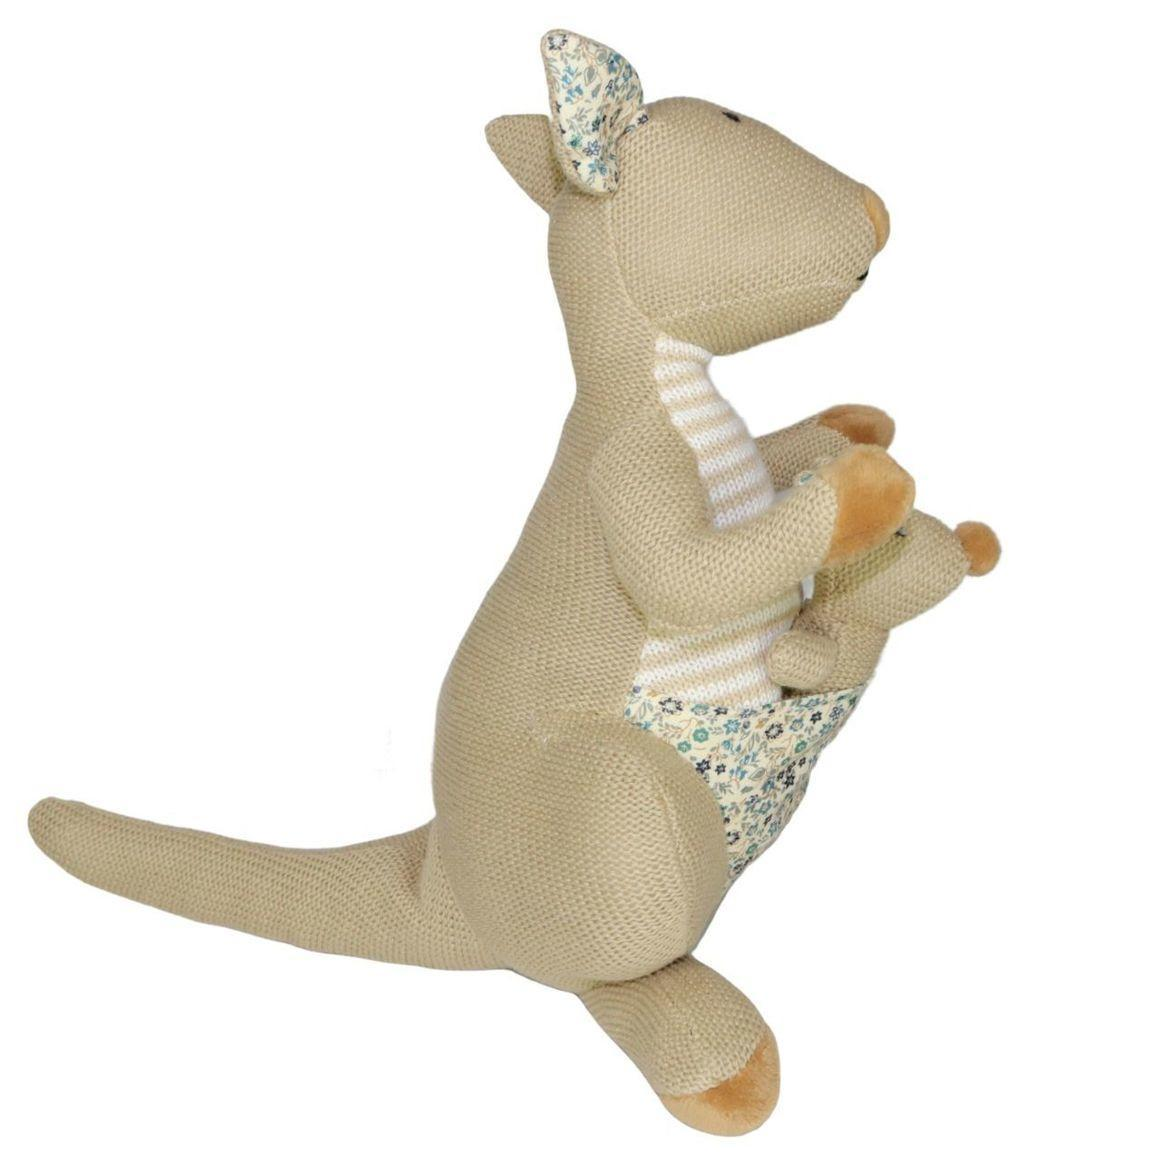 Plush Toy Kangaroo & Baby Joey - Brown   Trada Marketplace